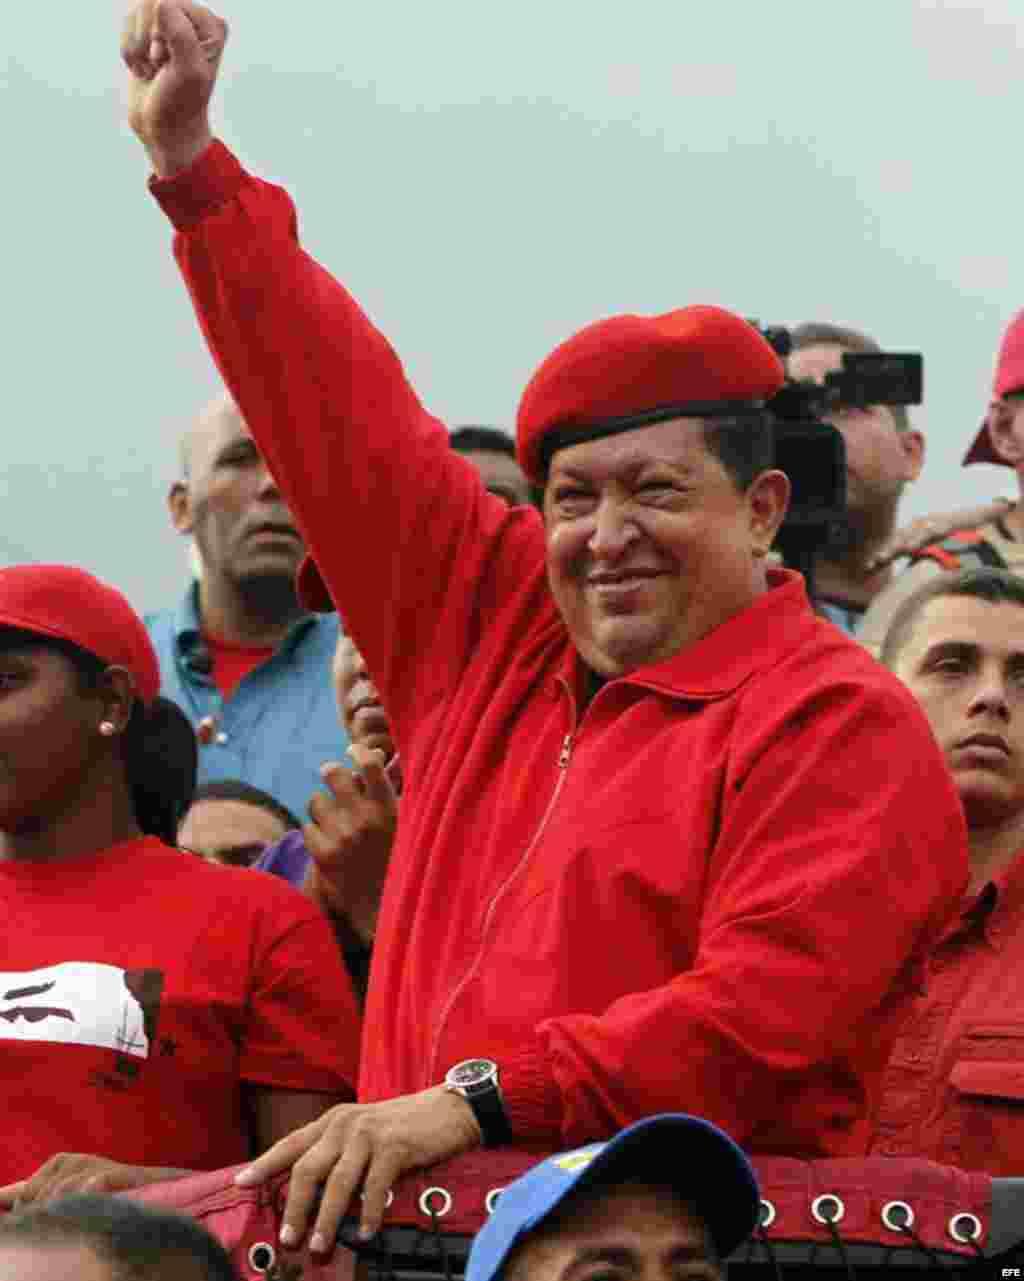 Hugo Chávez durante una caravana electoral en San Juan de los Morros, Venezuela el 18 de julio del 2012